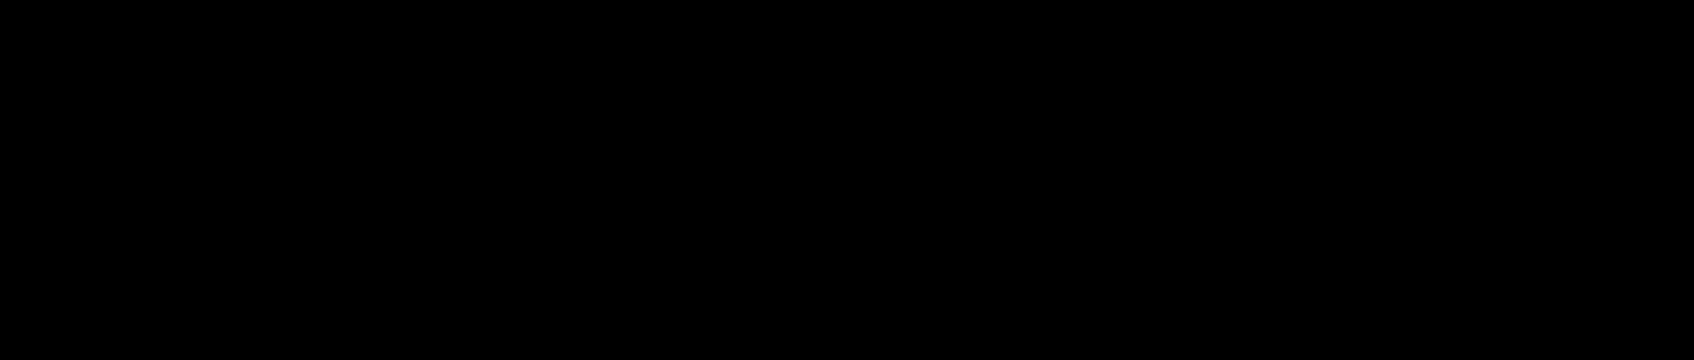 (주)지에프앤엘의 기업로고